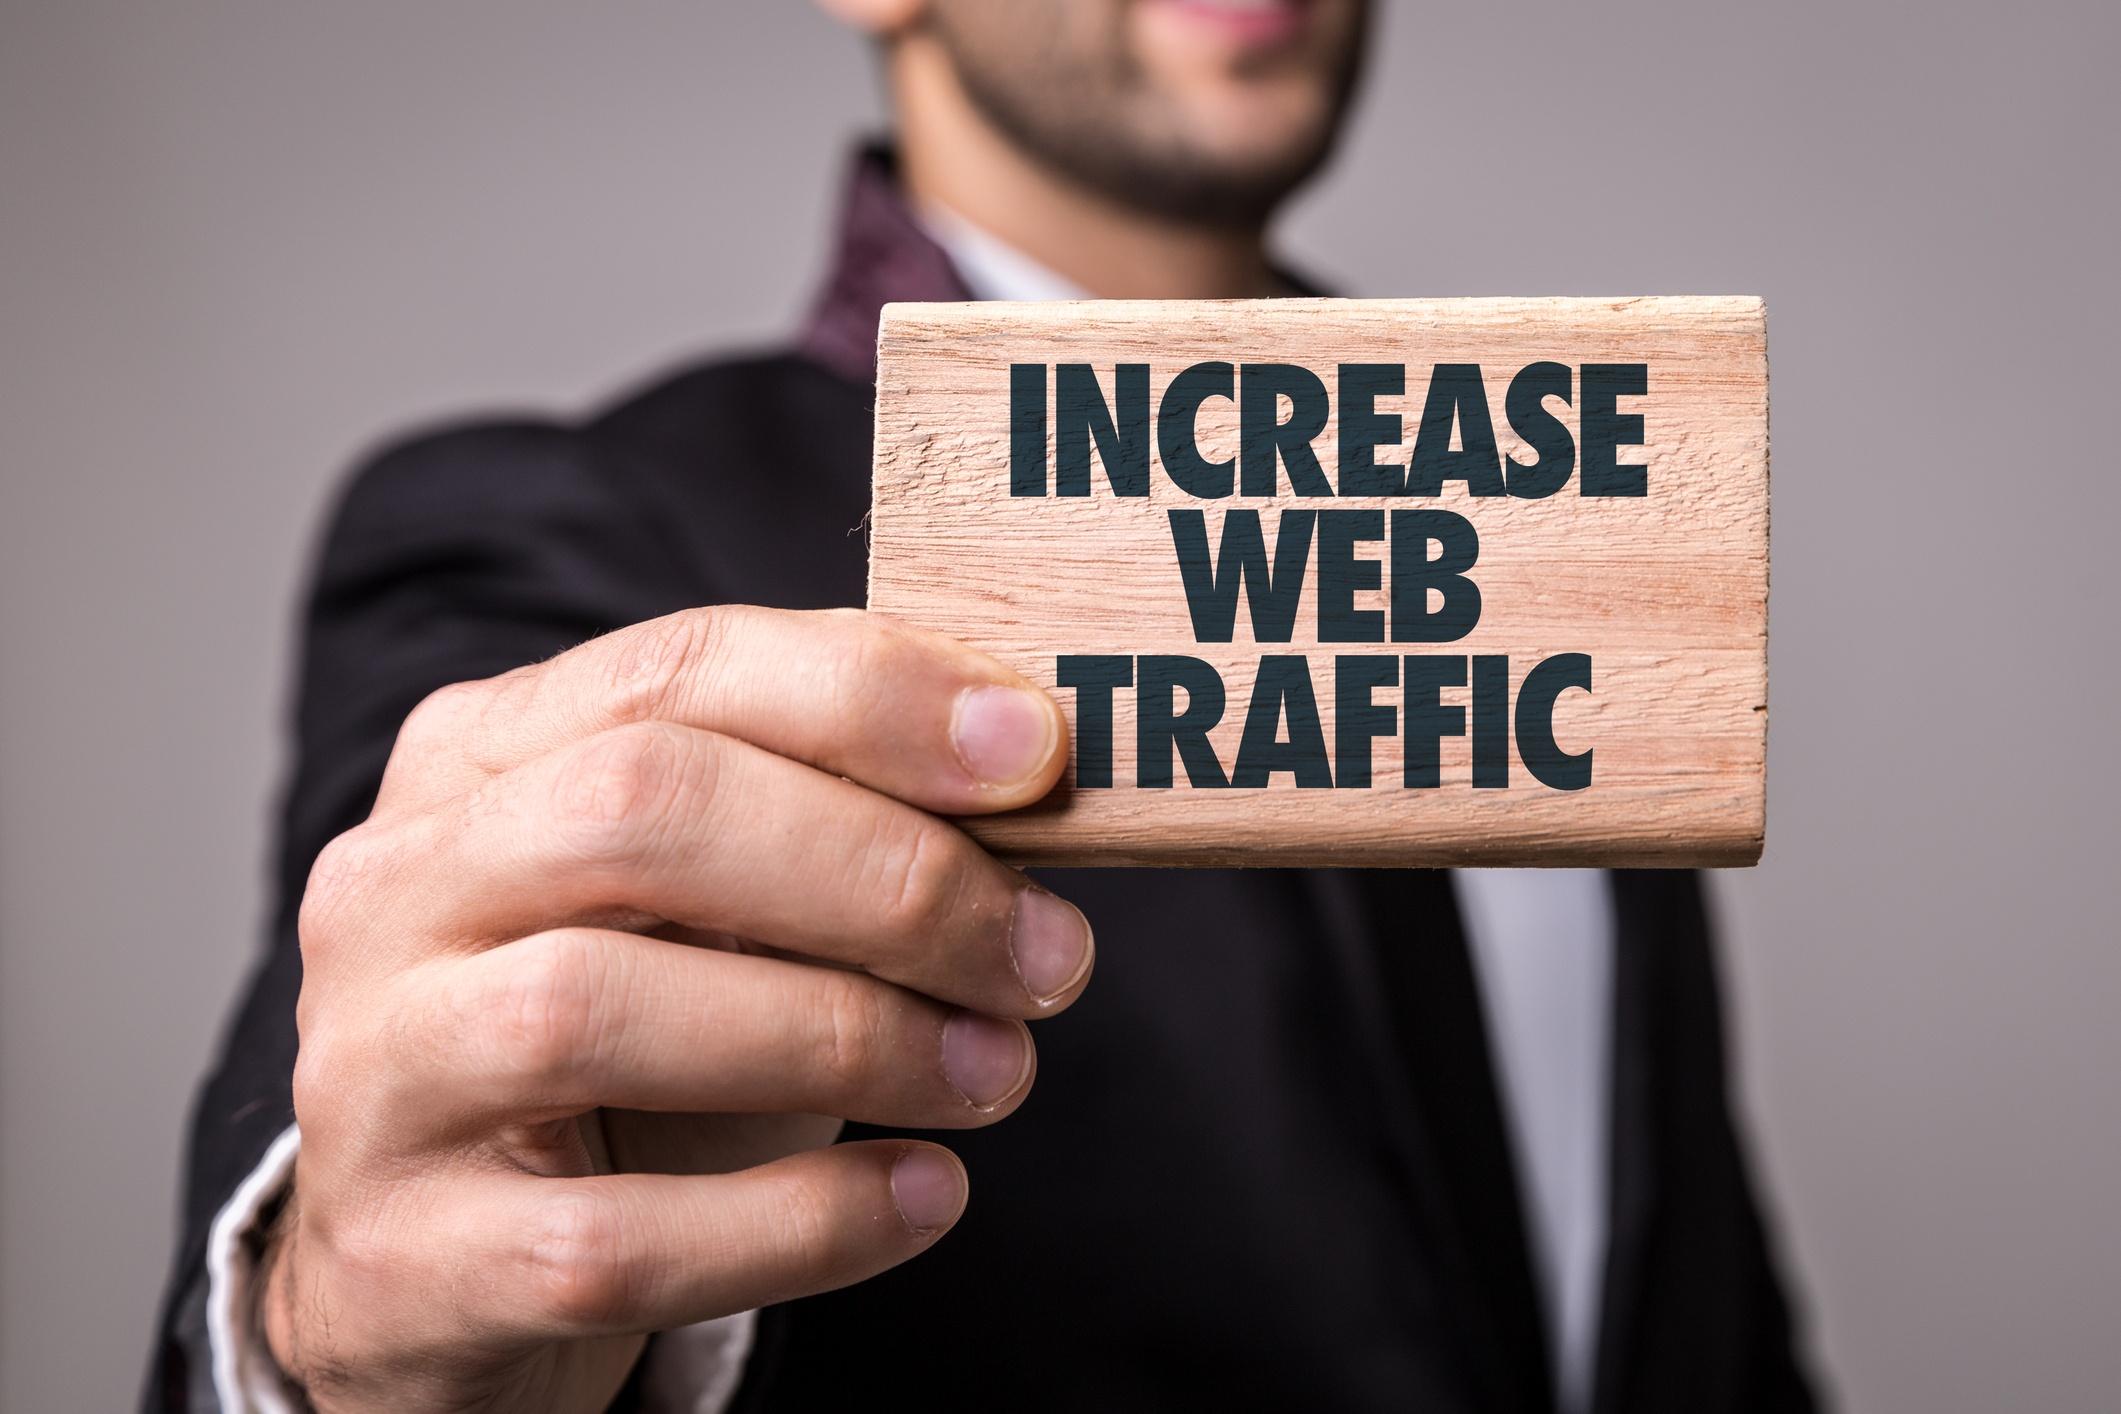 10-of-the-best-ways-to-increase-website-traffic.jpg